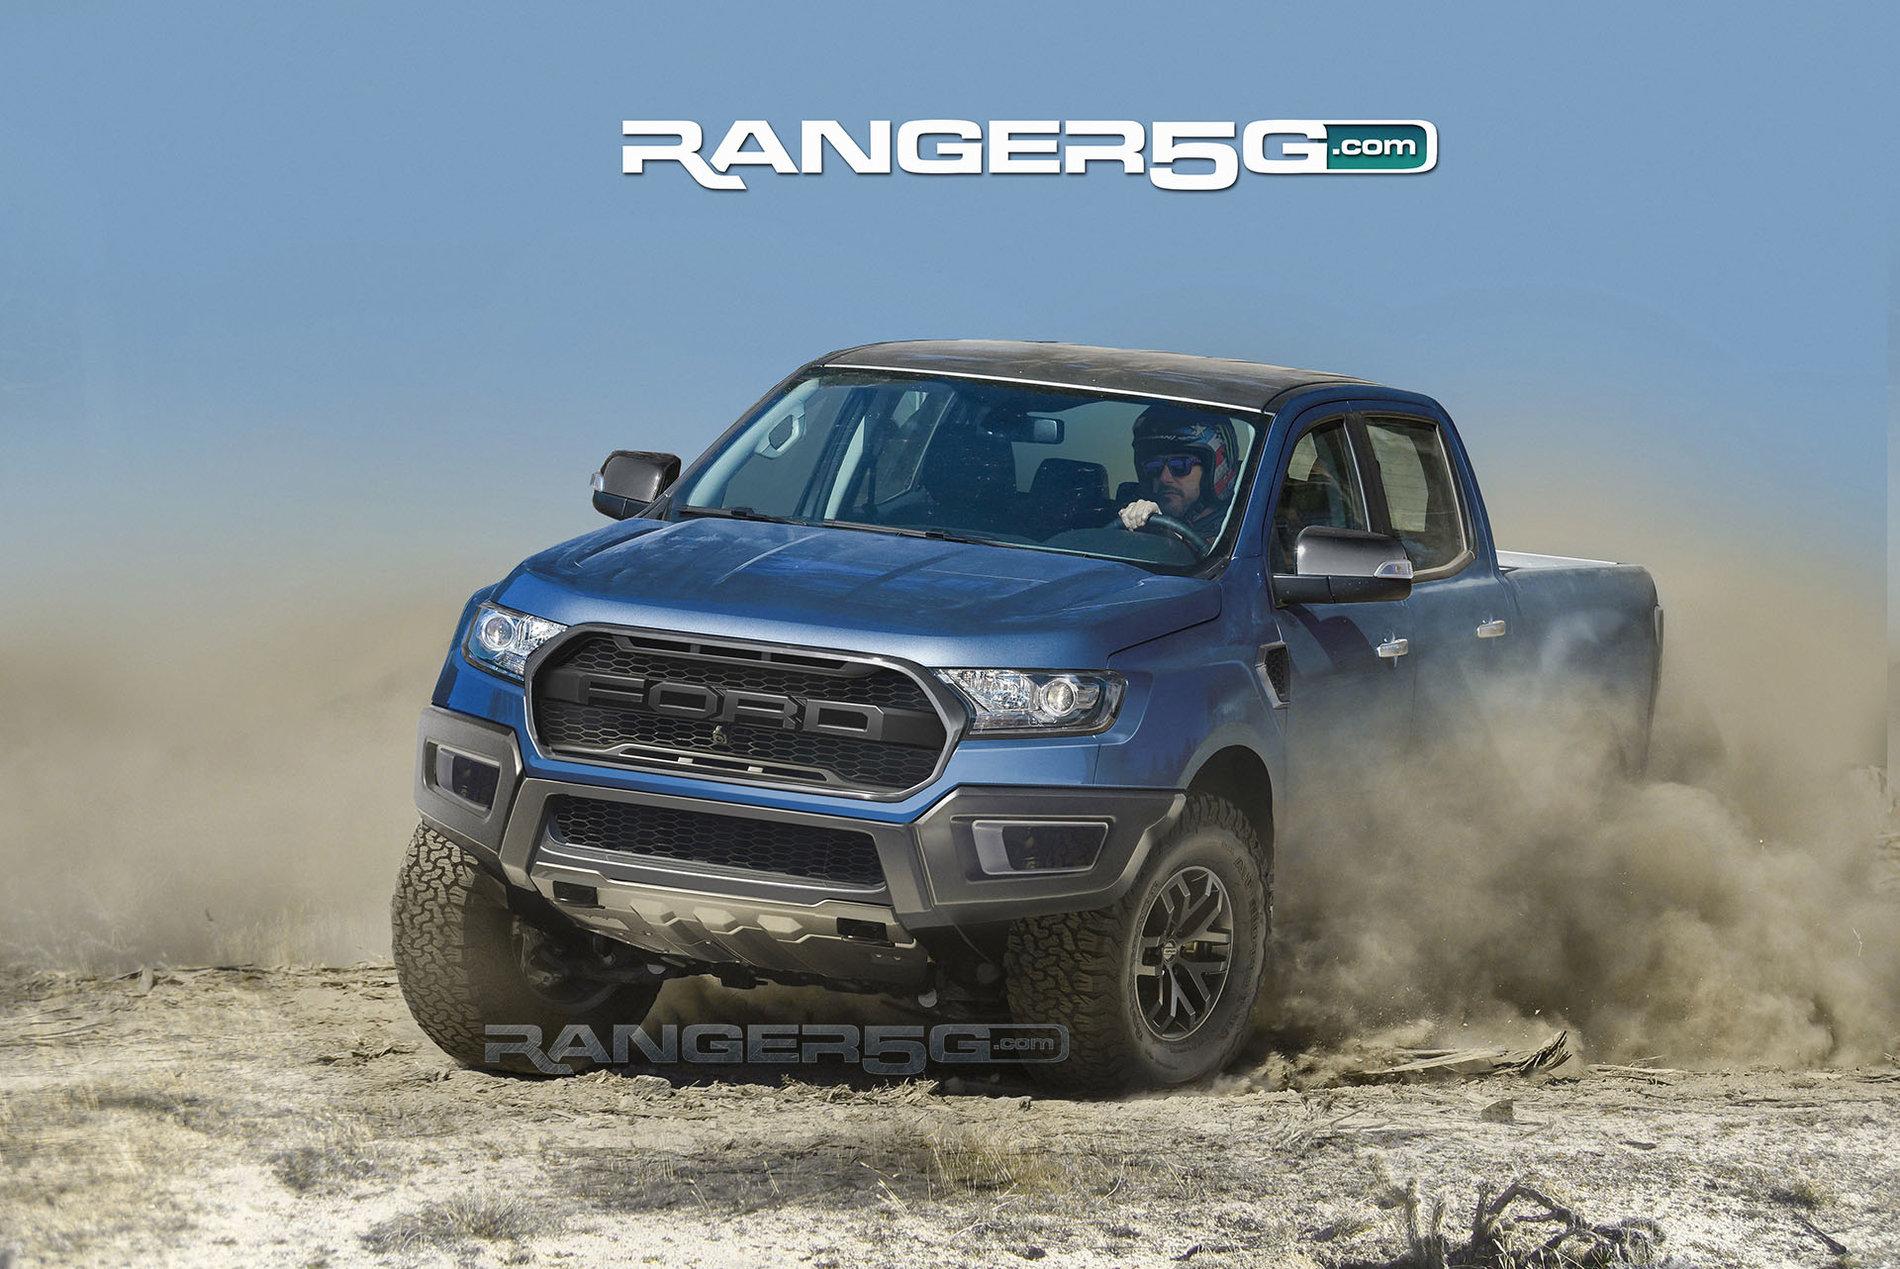 F150 Vs Sierra 2017 >> 2019 Ford Ranger Raptor Rendered Based on Teaser Video, Looks Spot On - autoevolution